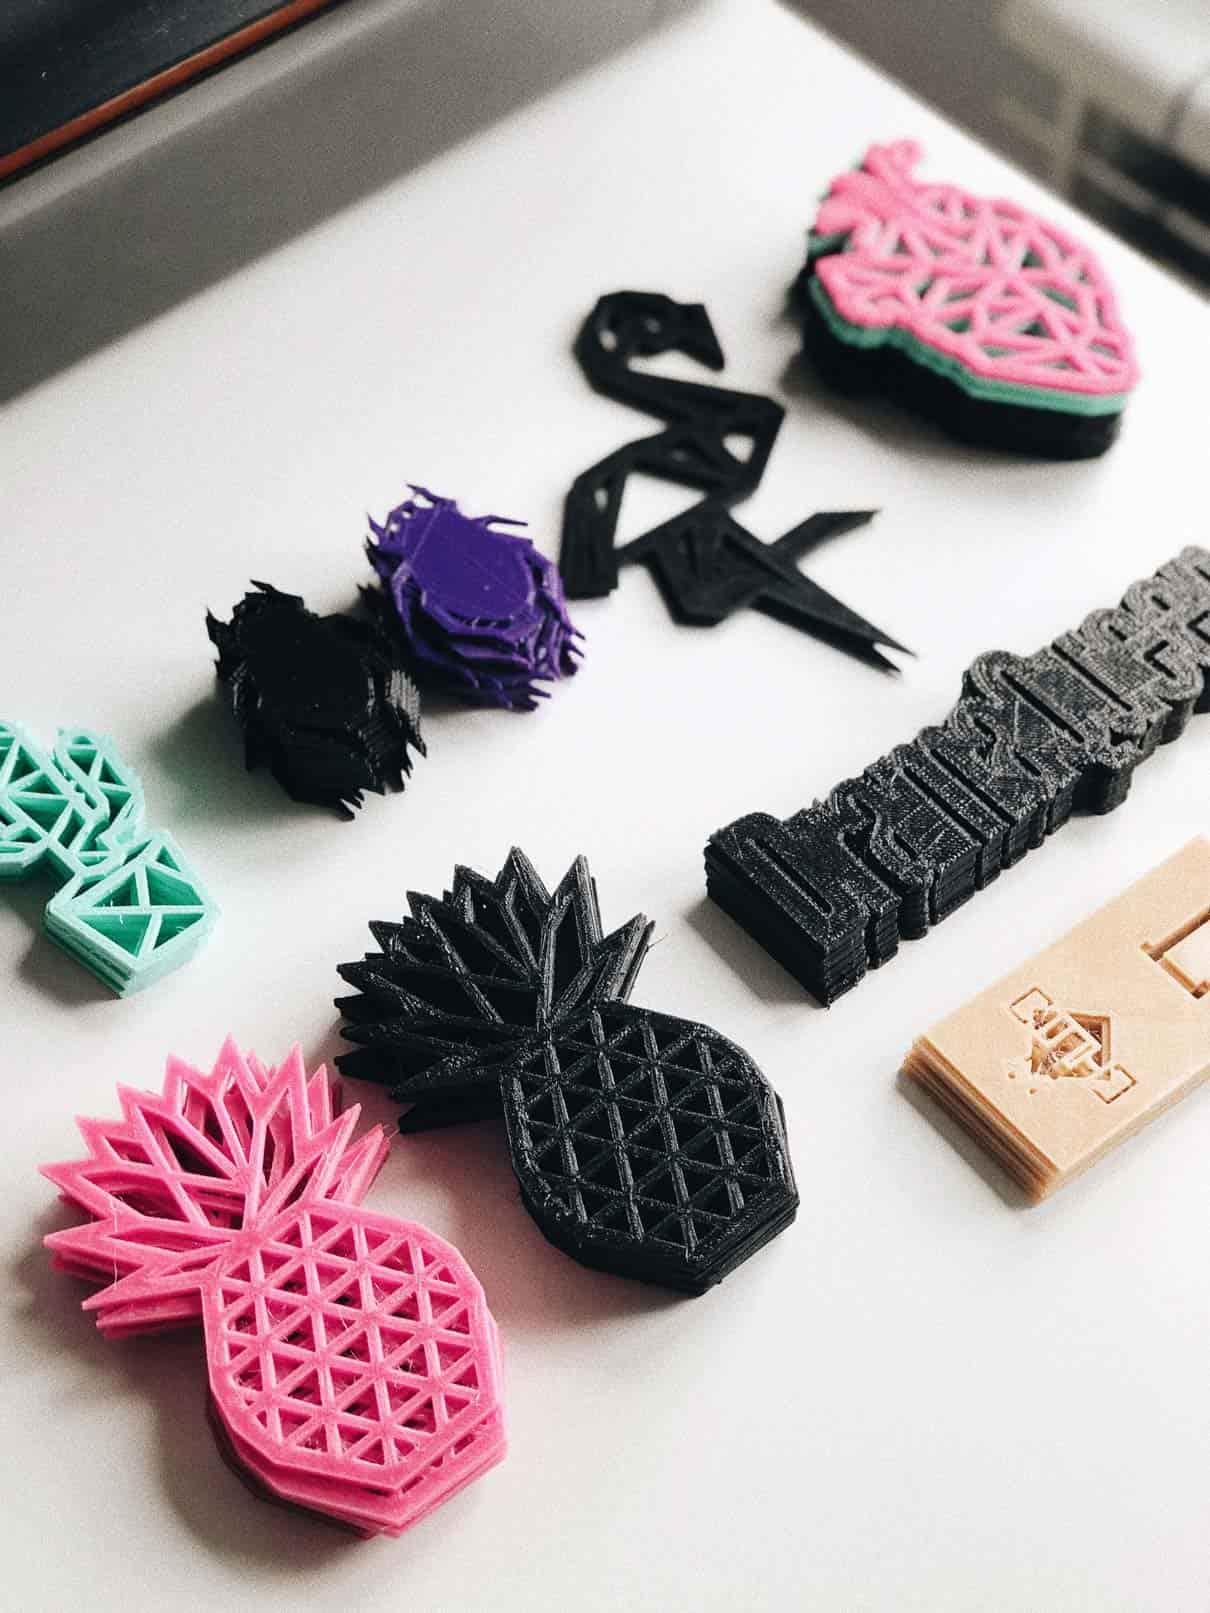 CHUIC Shop, joyería online de joyas 3D